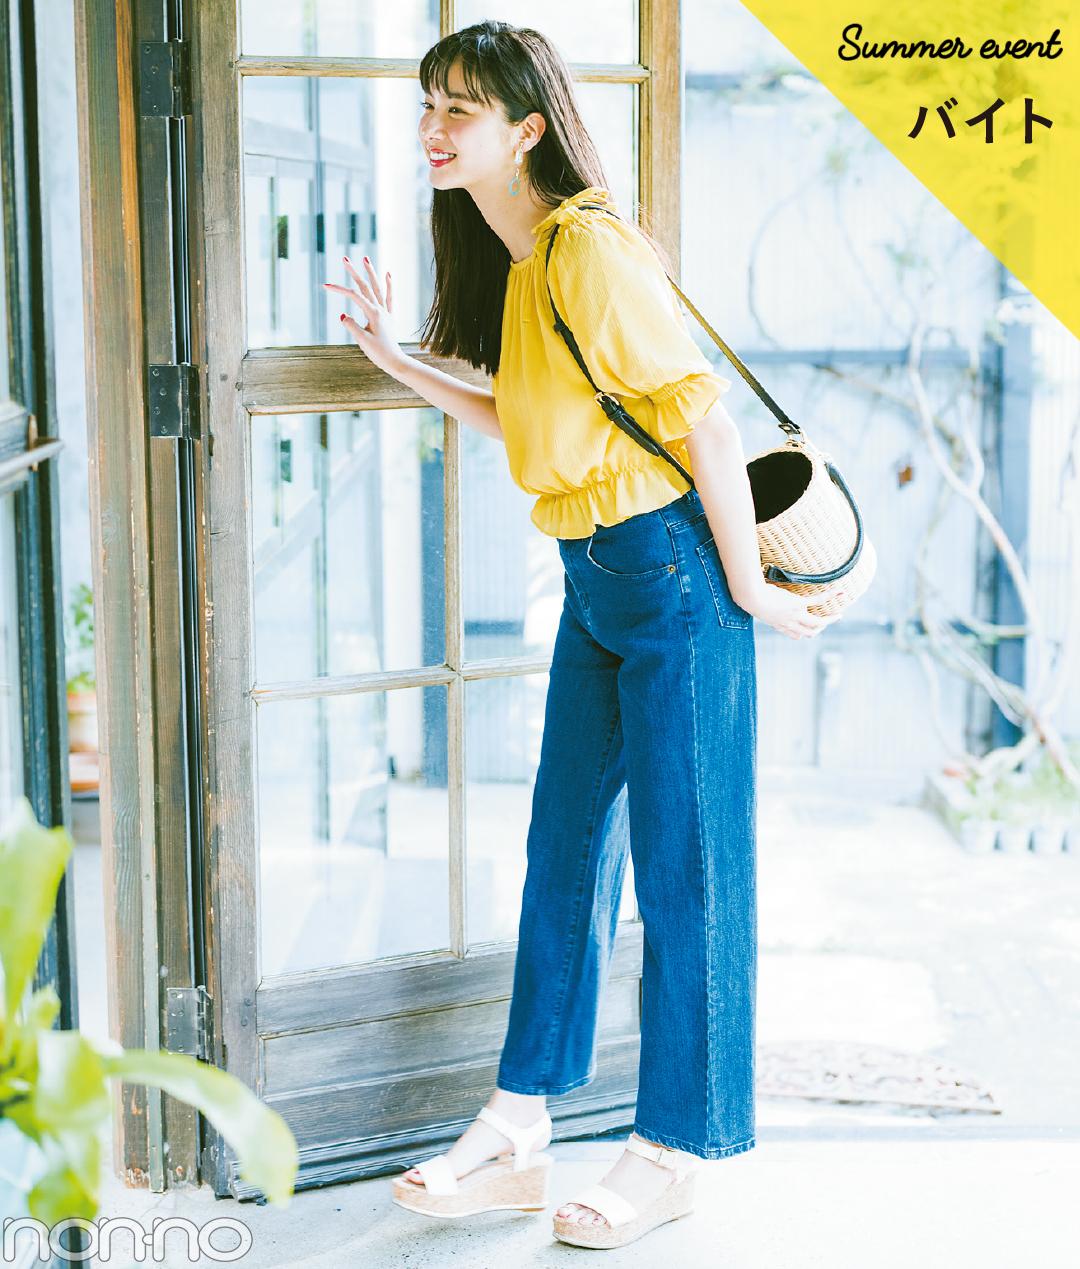 【夏のサンダルコーデ】新木優子の、一緒にいて楽しいって思わせるポロノースリワンピコーデ